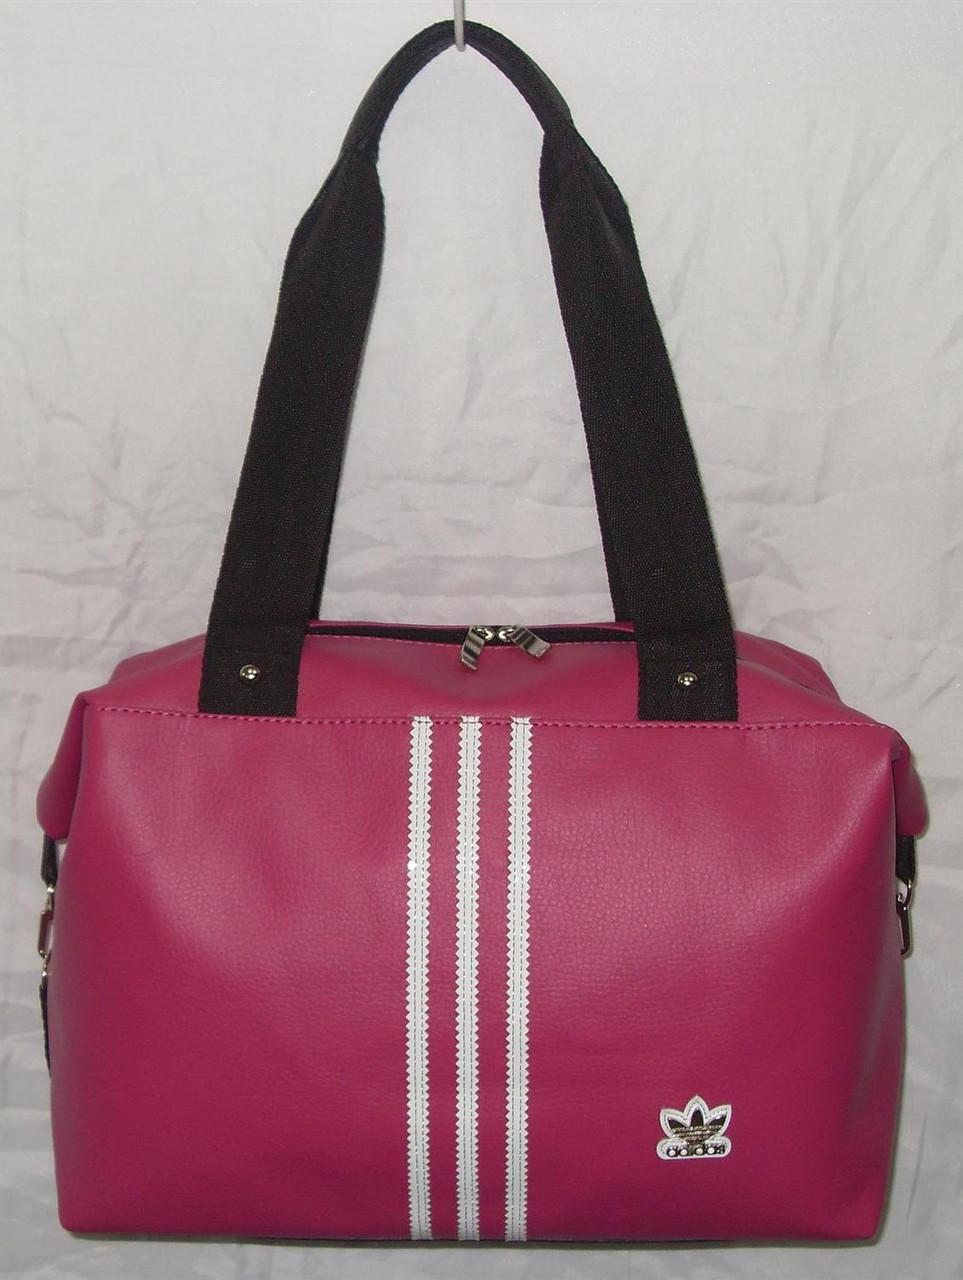 4cebd7c1de23 Cумка женская спортивная Adidas малая розовая эко-кожа копия ...